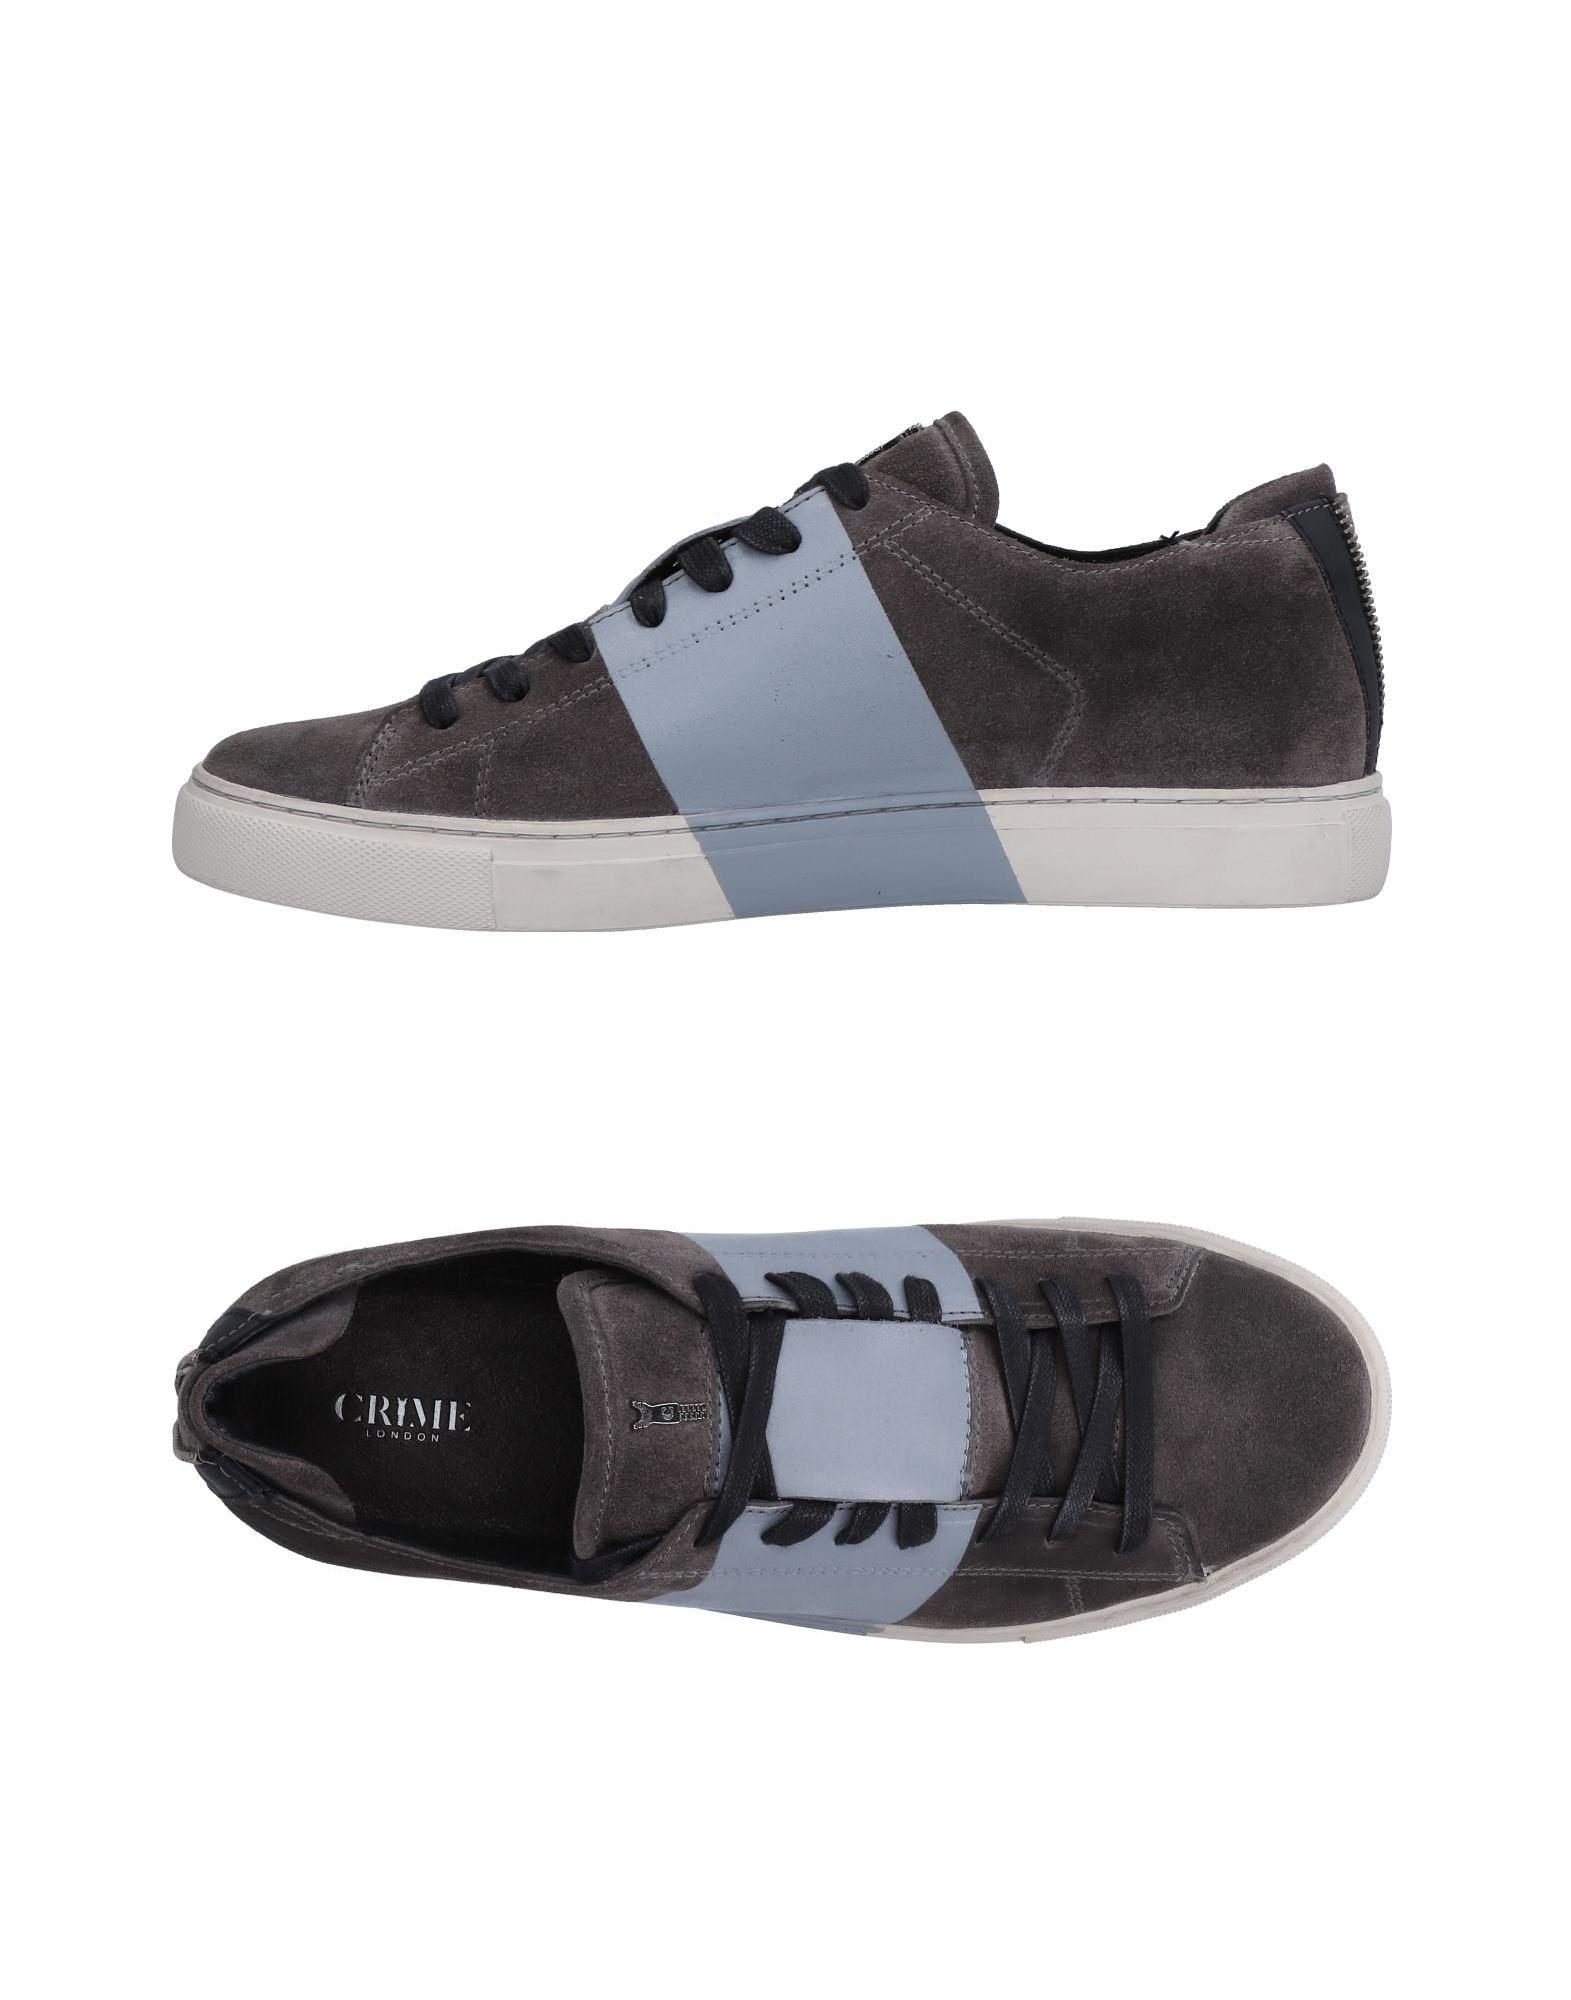 Rabatt echte Schuhe Crime London Sneakers Herren  11058472RB